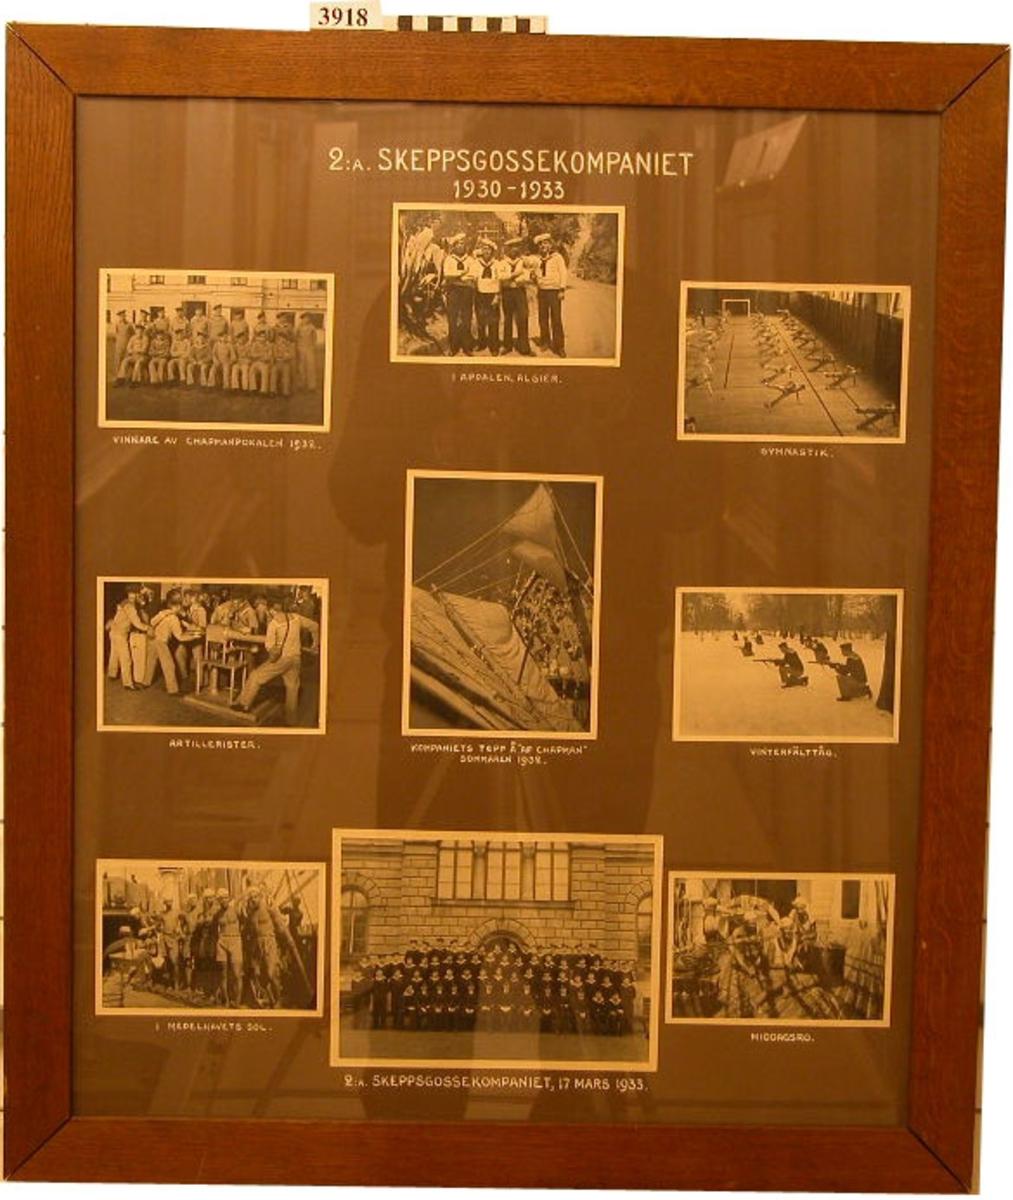 Fotografier, inom glas och ram, i gruppbilder, 9 stycken, föreställande 2:a skeppsgossekompaniet 1930 - 1933 ombord och på utlandsresor.